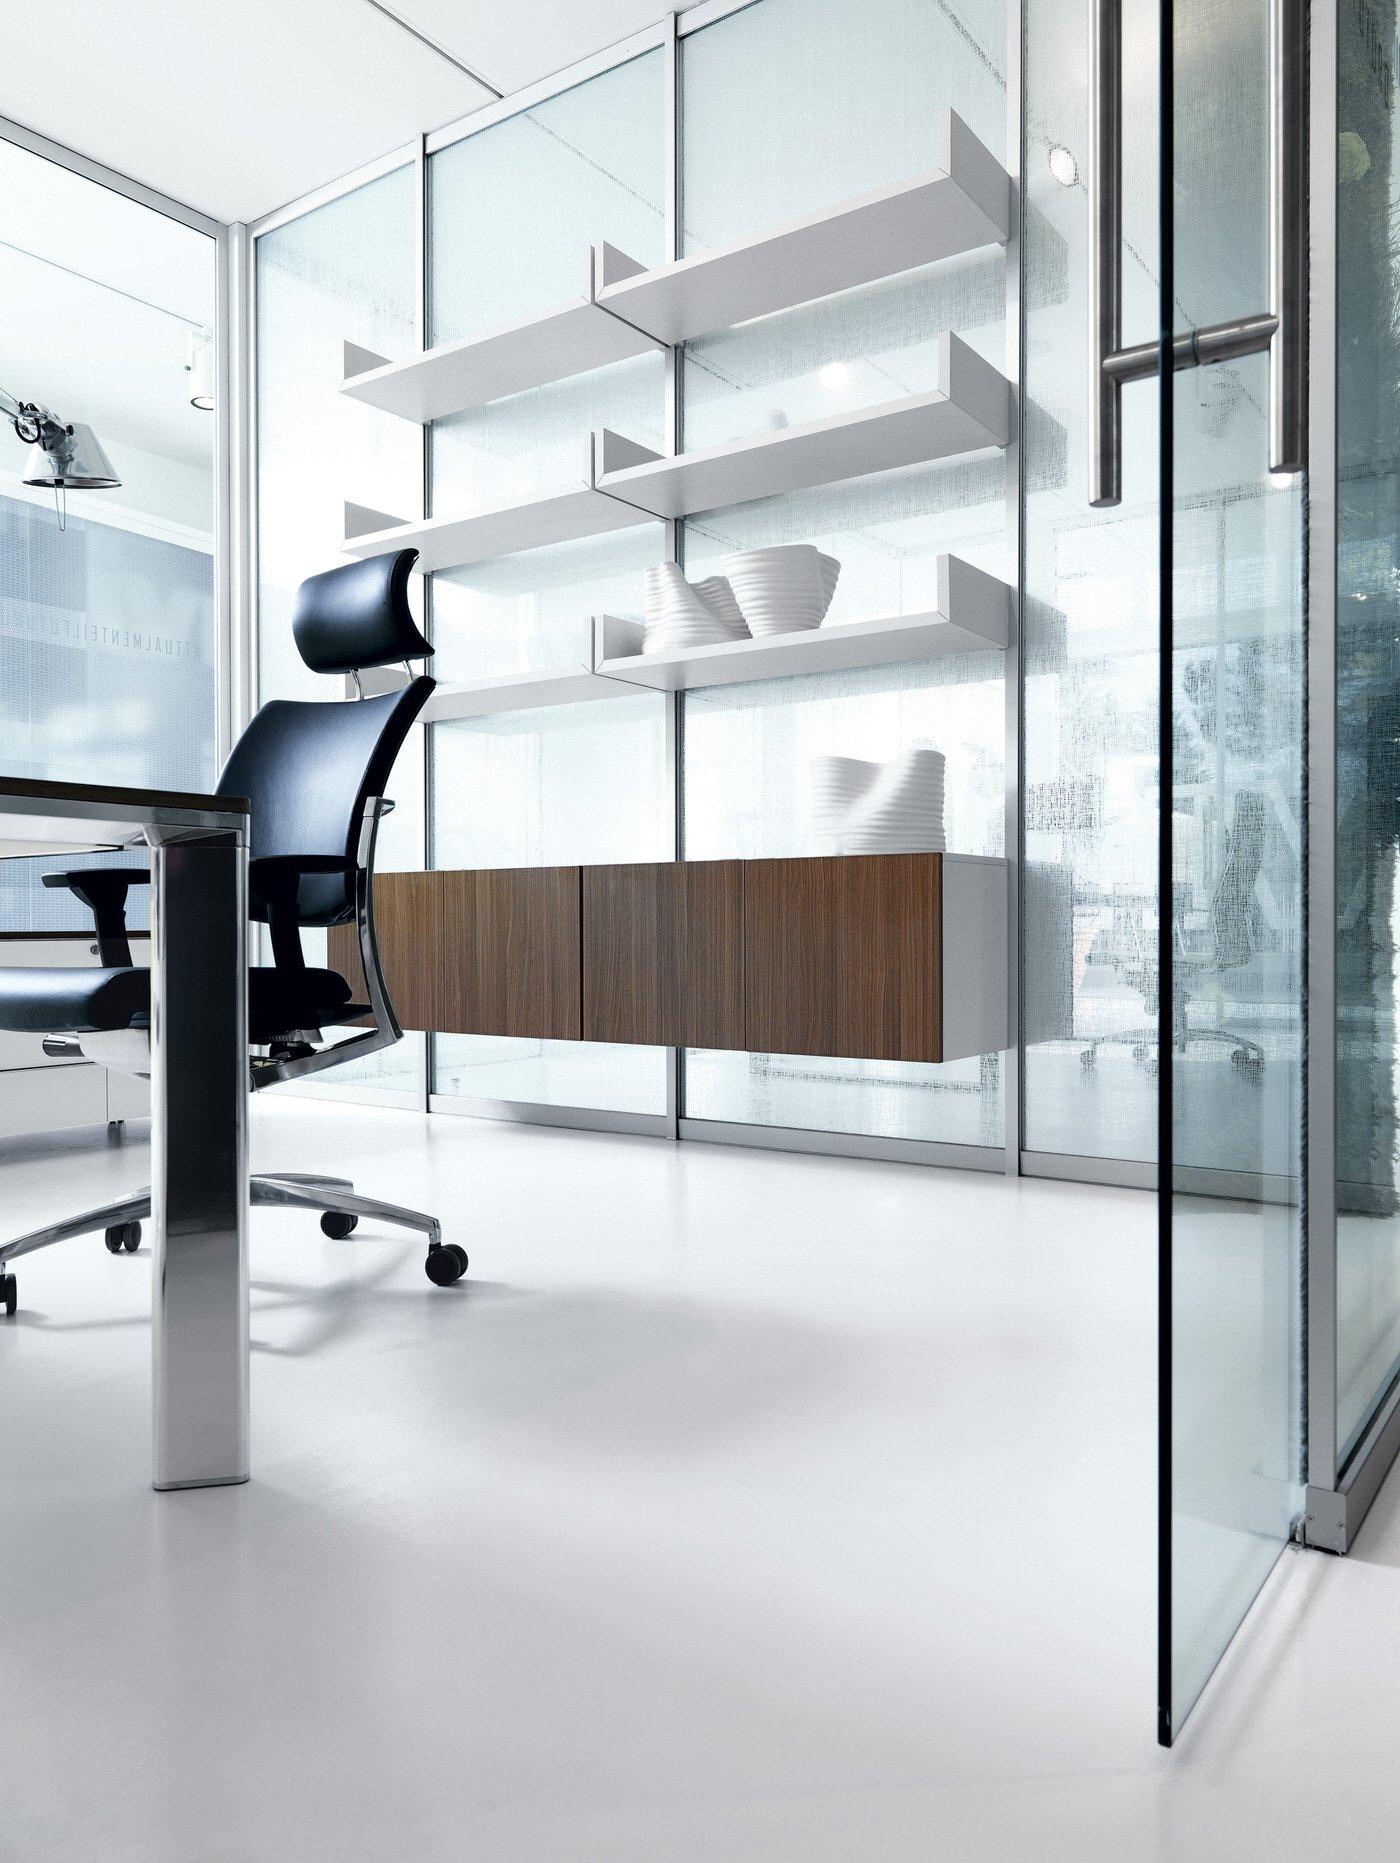 Parete attrezzata monovetro pareti attrezzate per ufficio - Parete con mensole ...